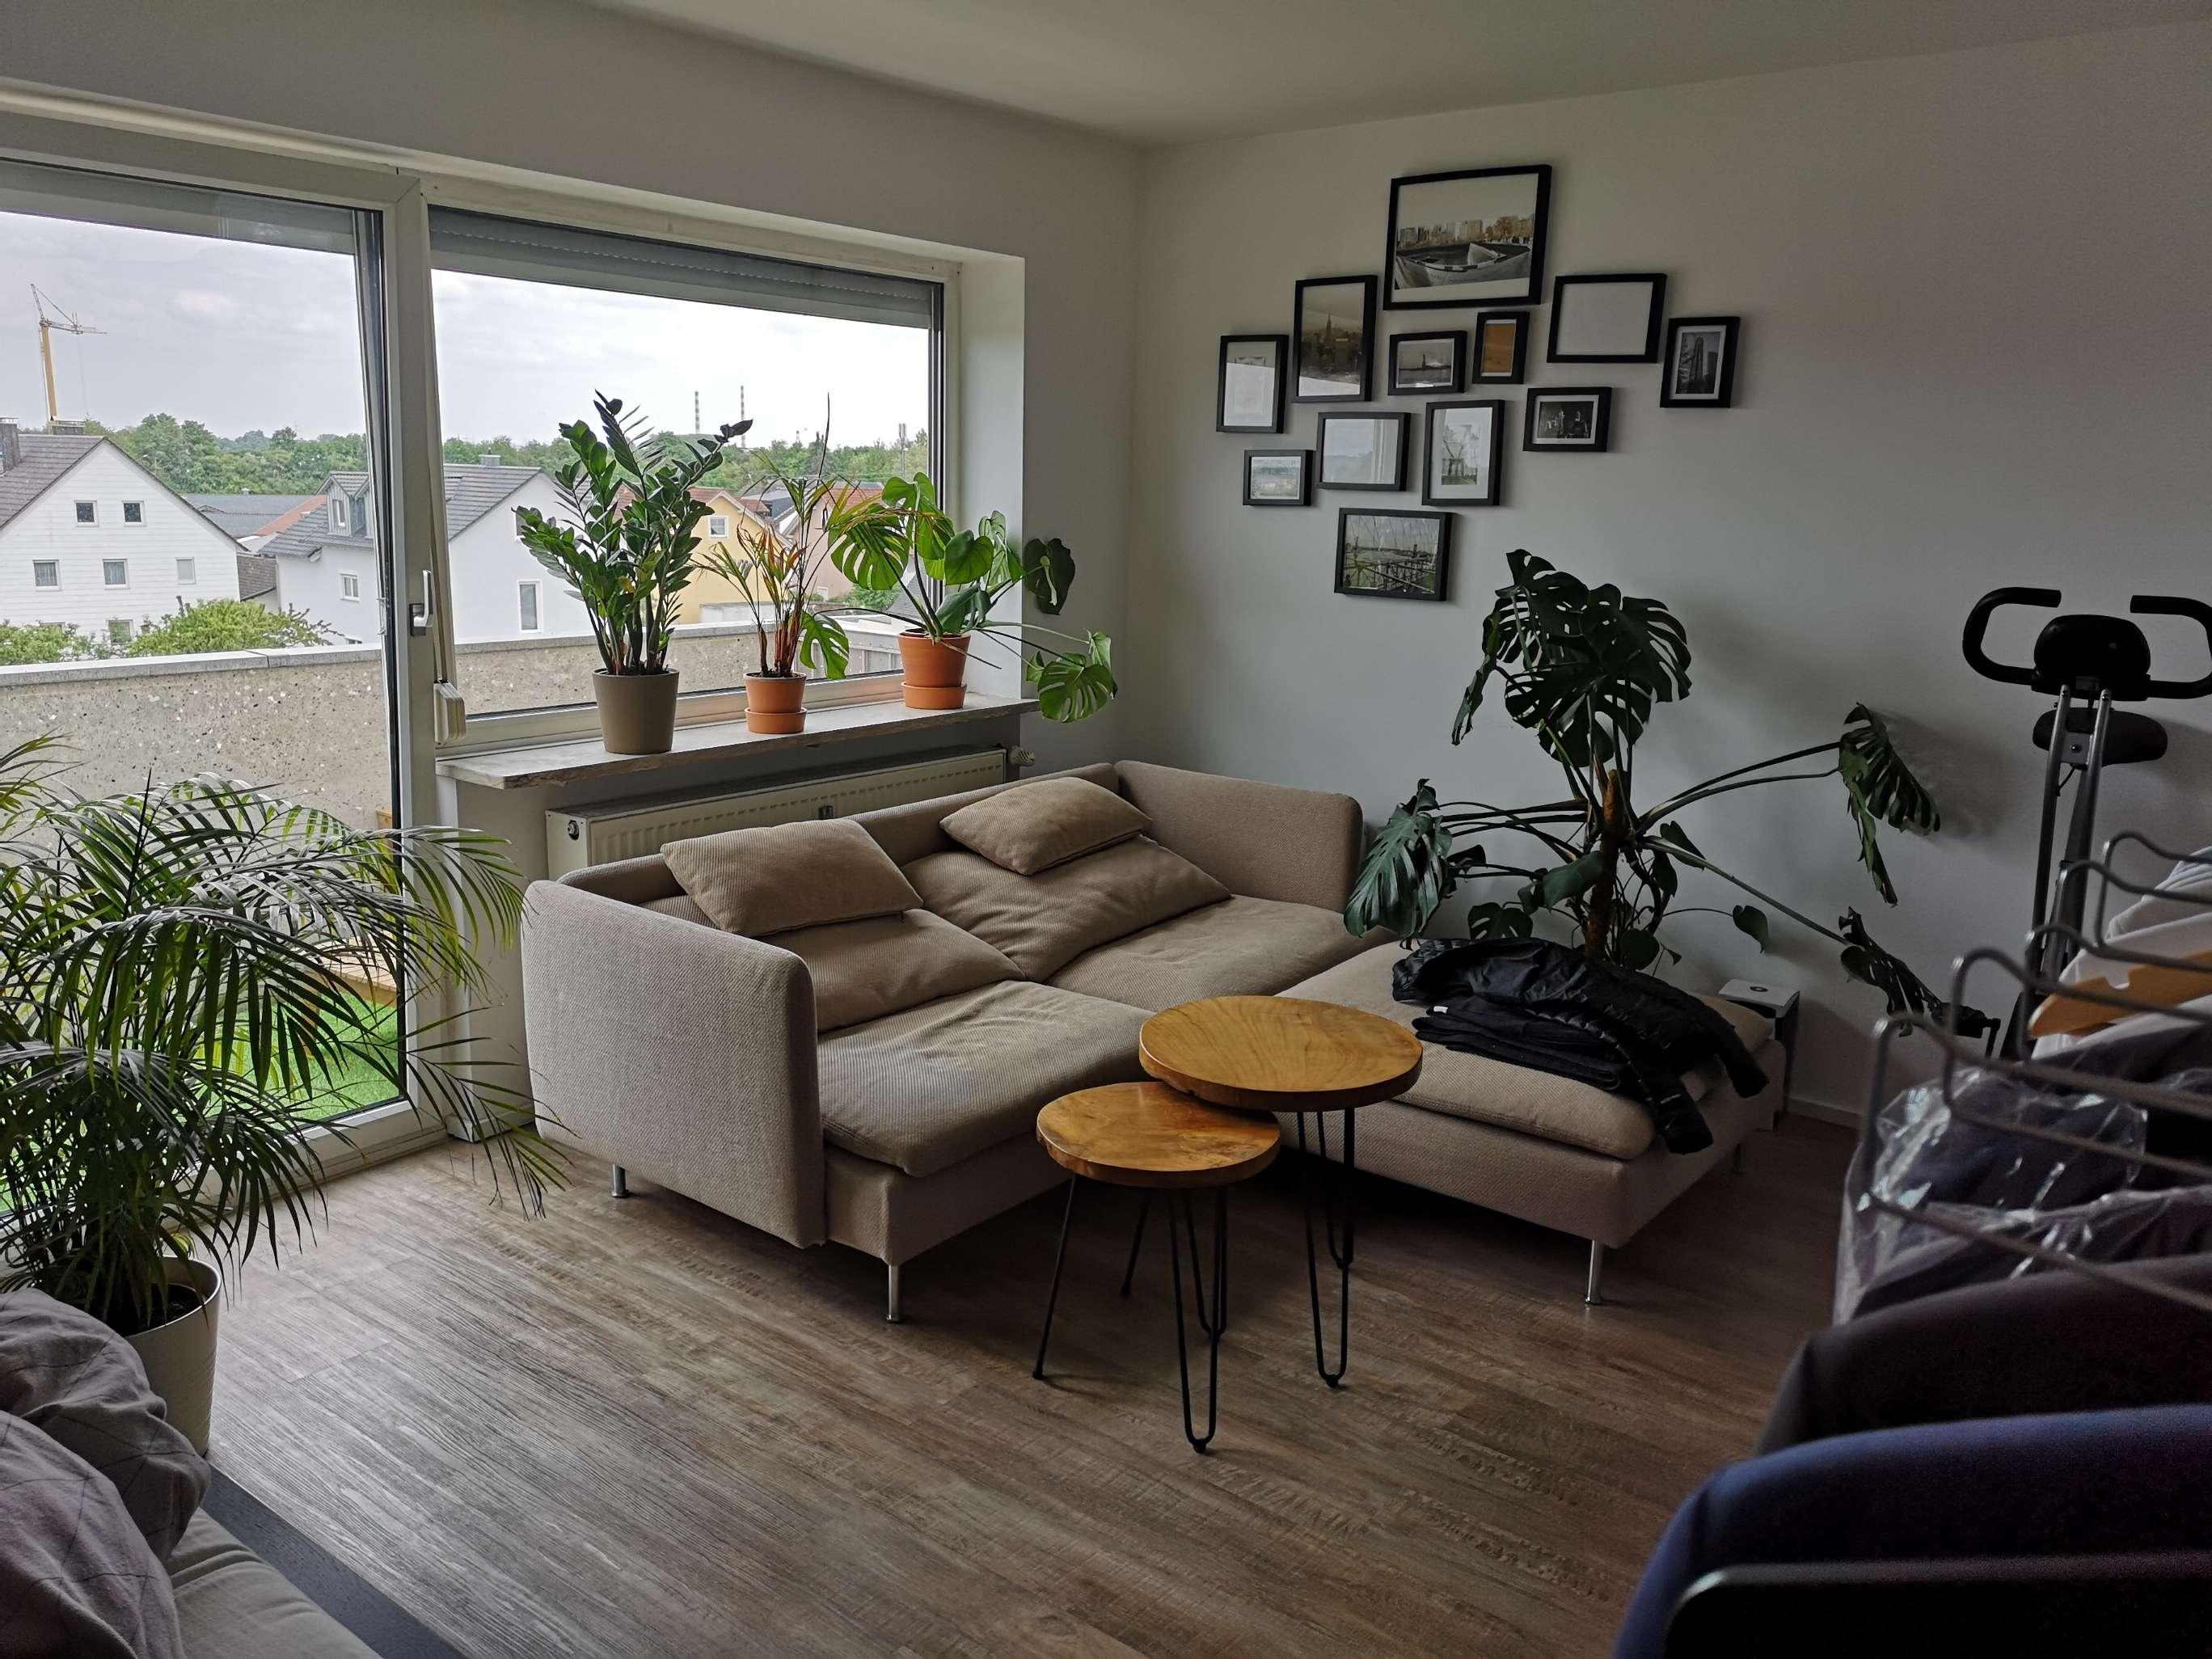 Sanierte 1-Zimmer-Wohnung mit Balkon und Einbauküche in Ingolstadt